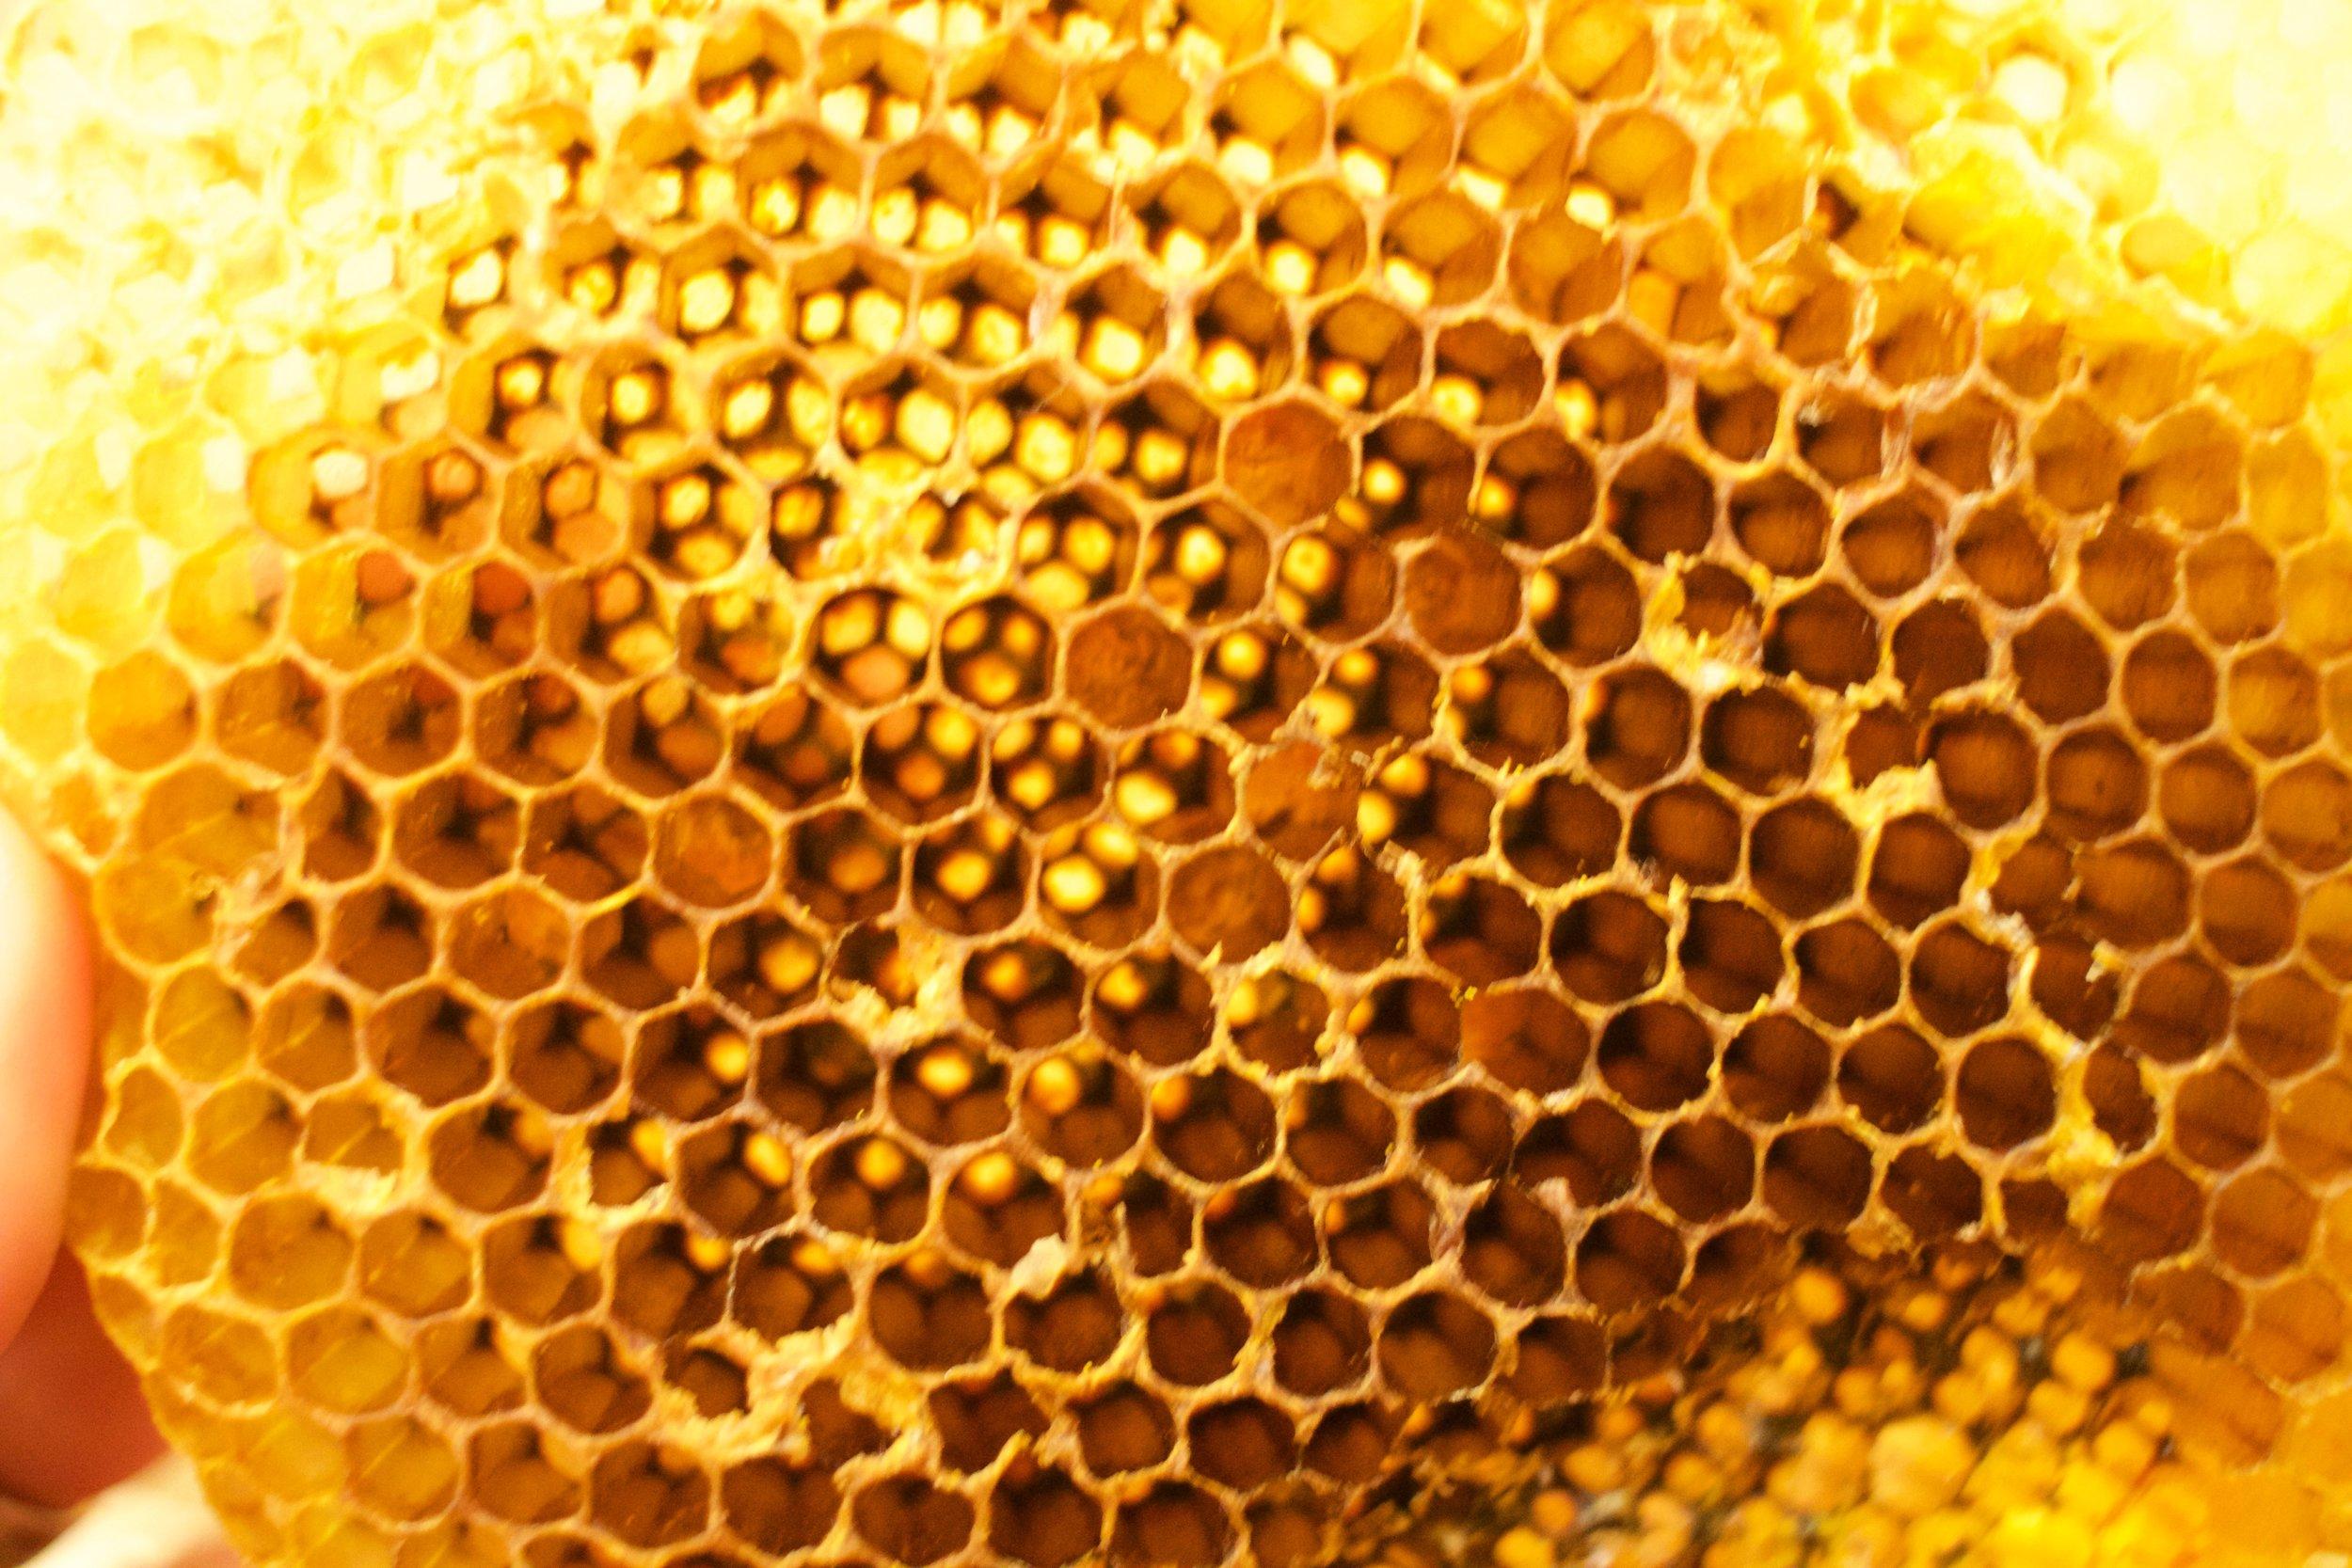 Golden Hive